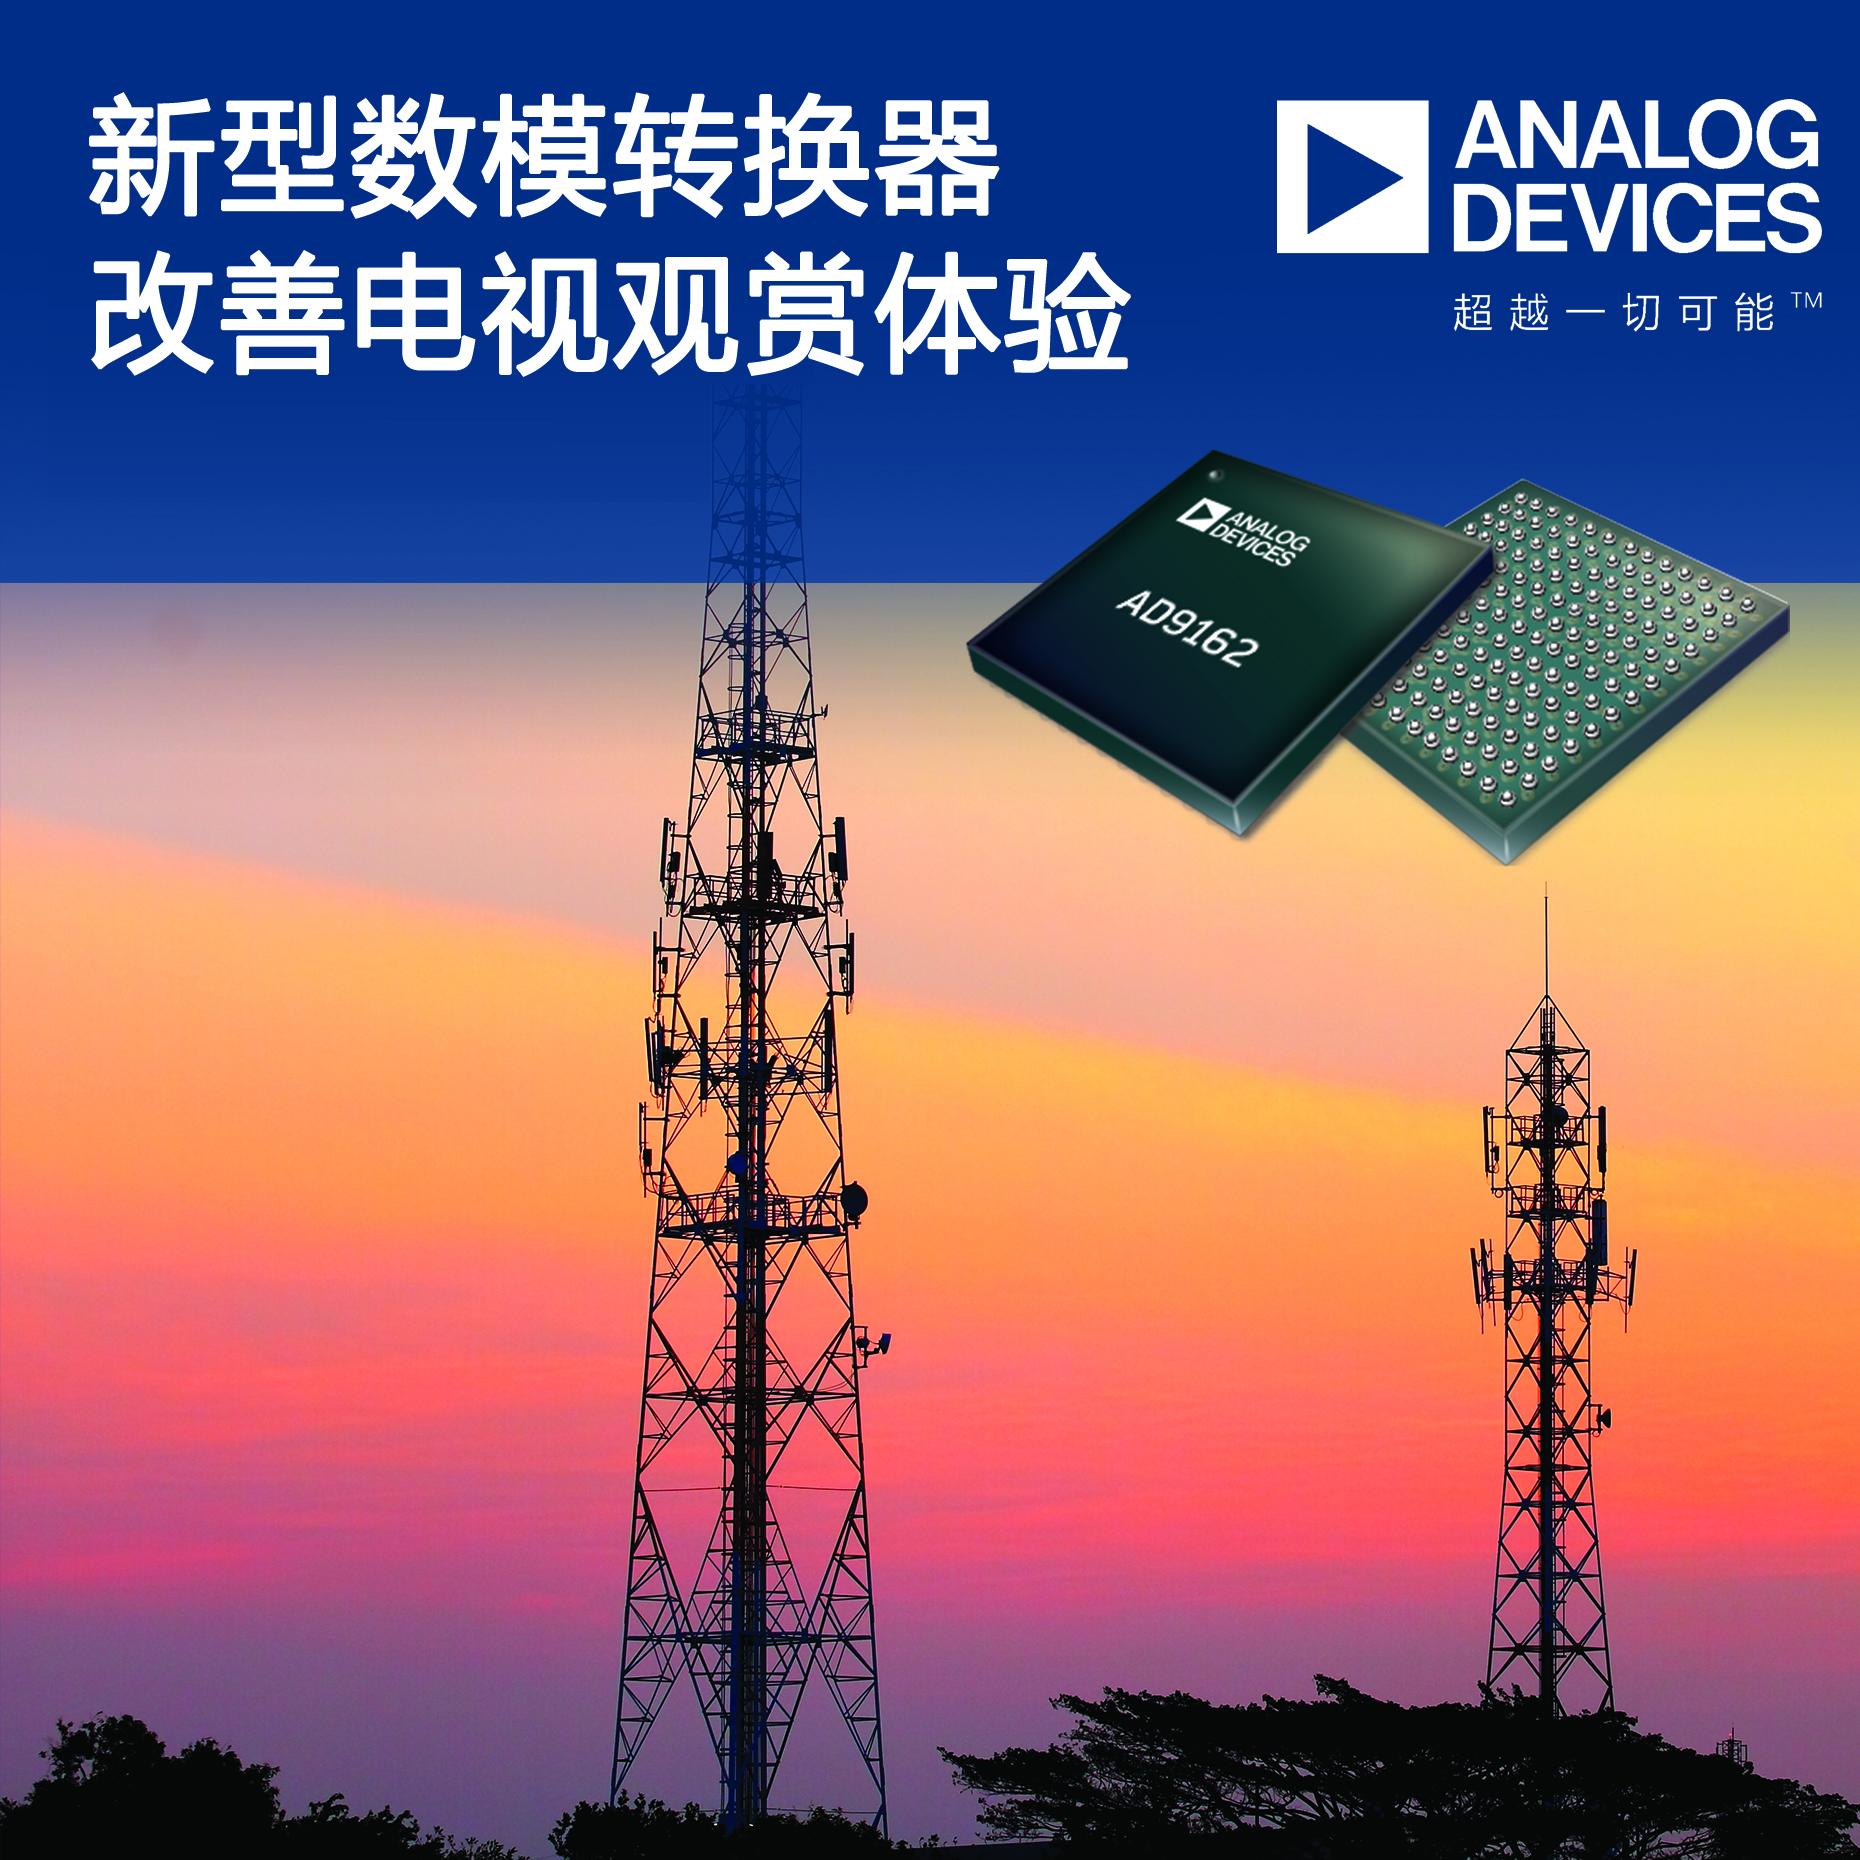 ADI公司数模转换器改善电视观赏体验